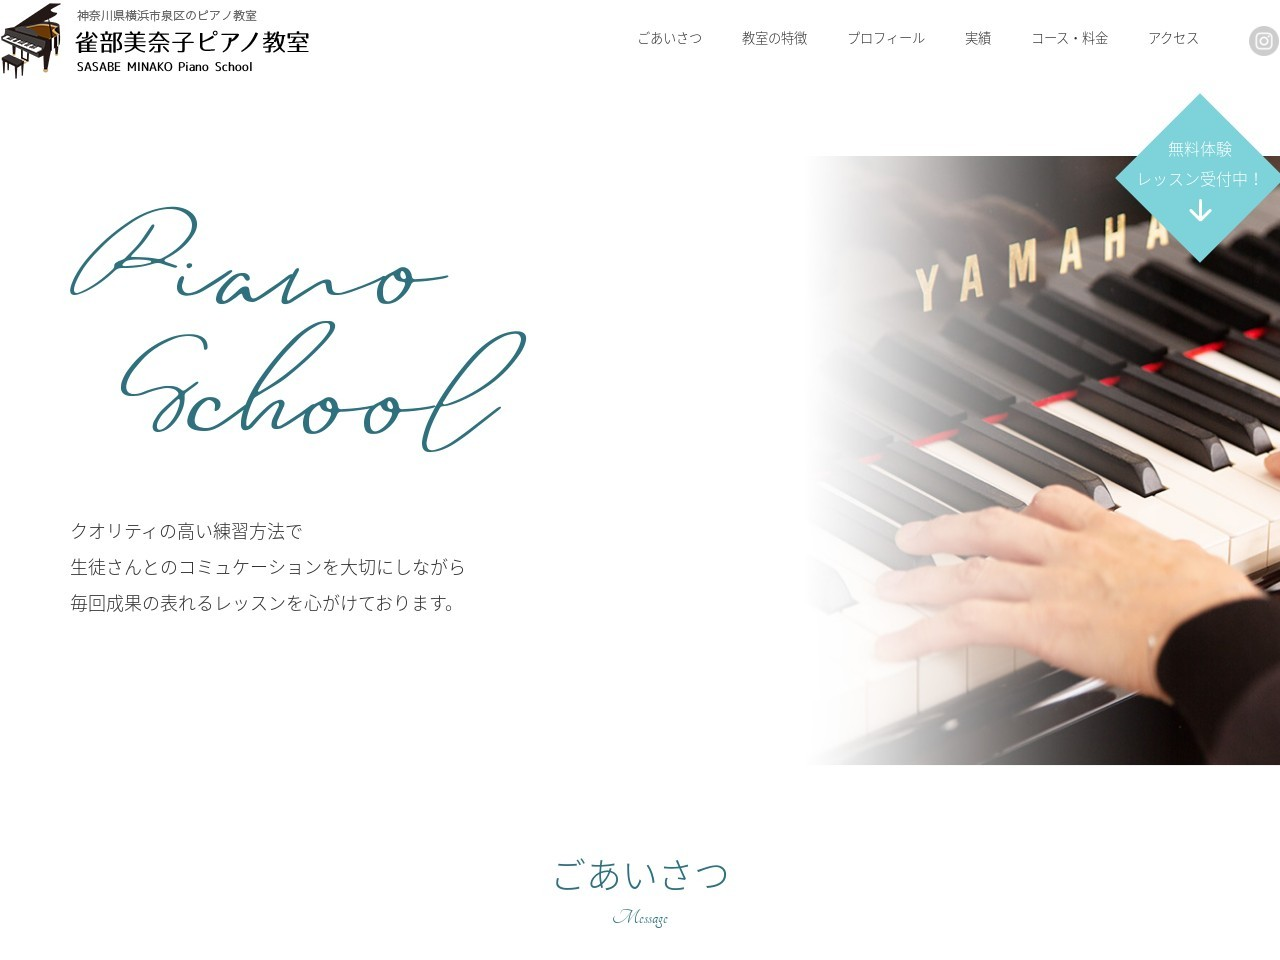 雀部美奈子ピアノ教室のサムネイル